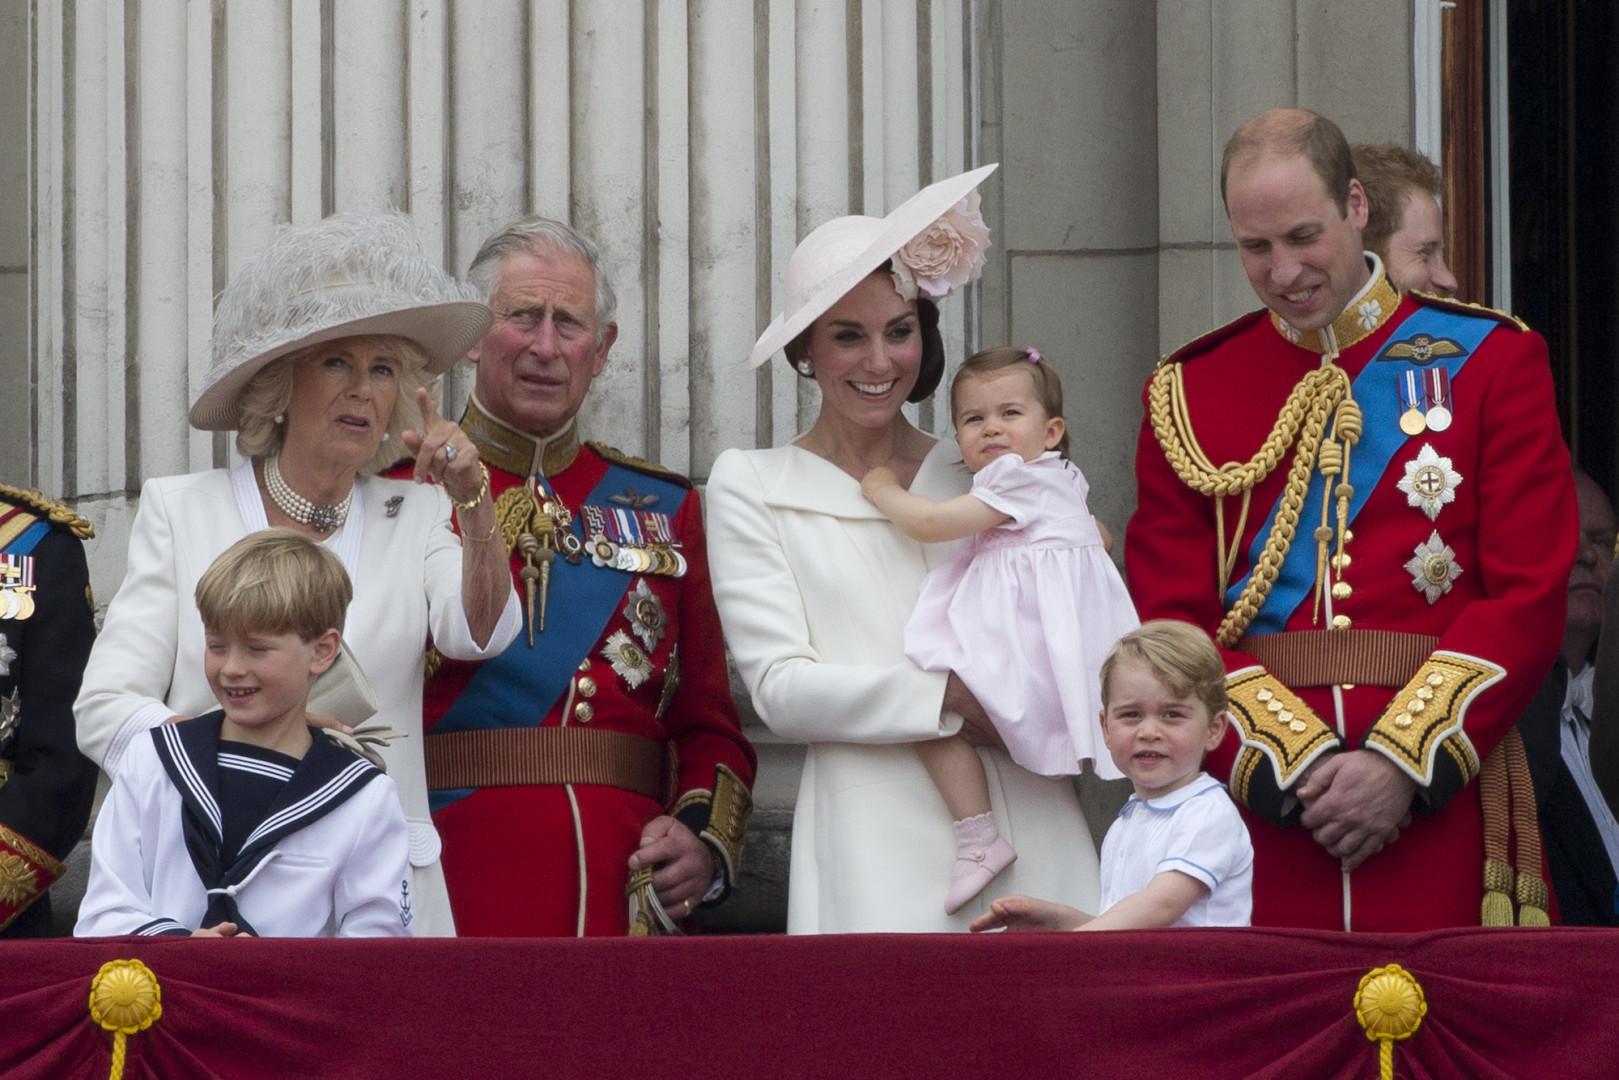 La princesse Charlotte, qui a fêté son premier anniversaire en mai, a assisté pour la première fois à une cérémonie officielle.